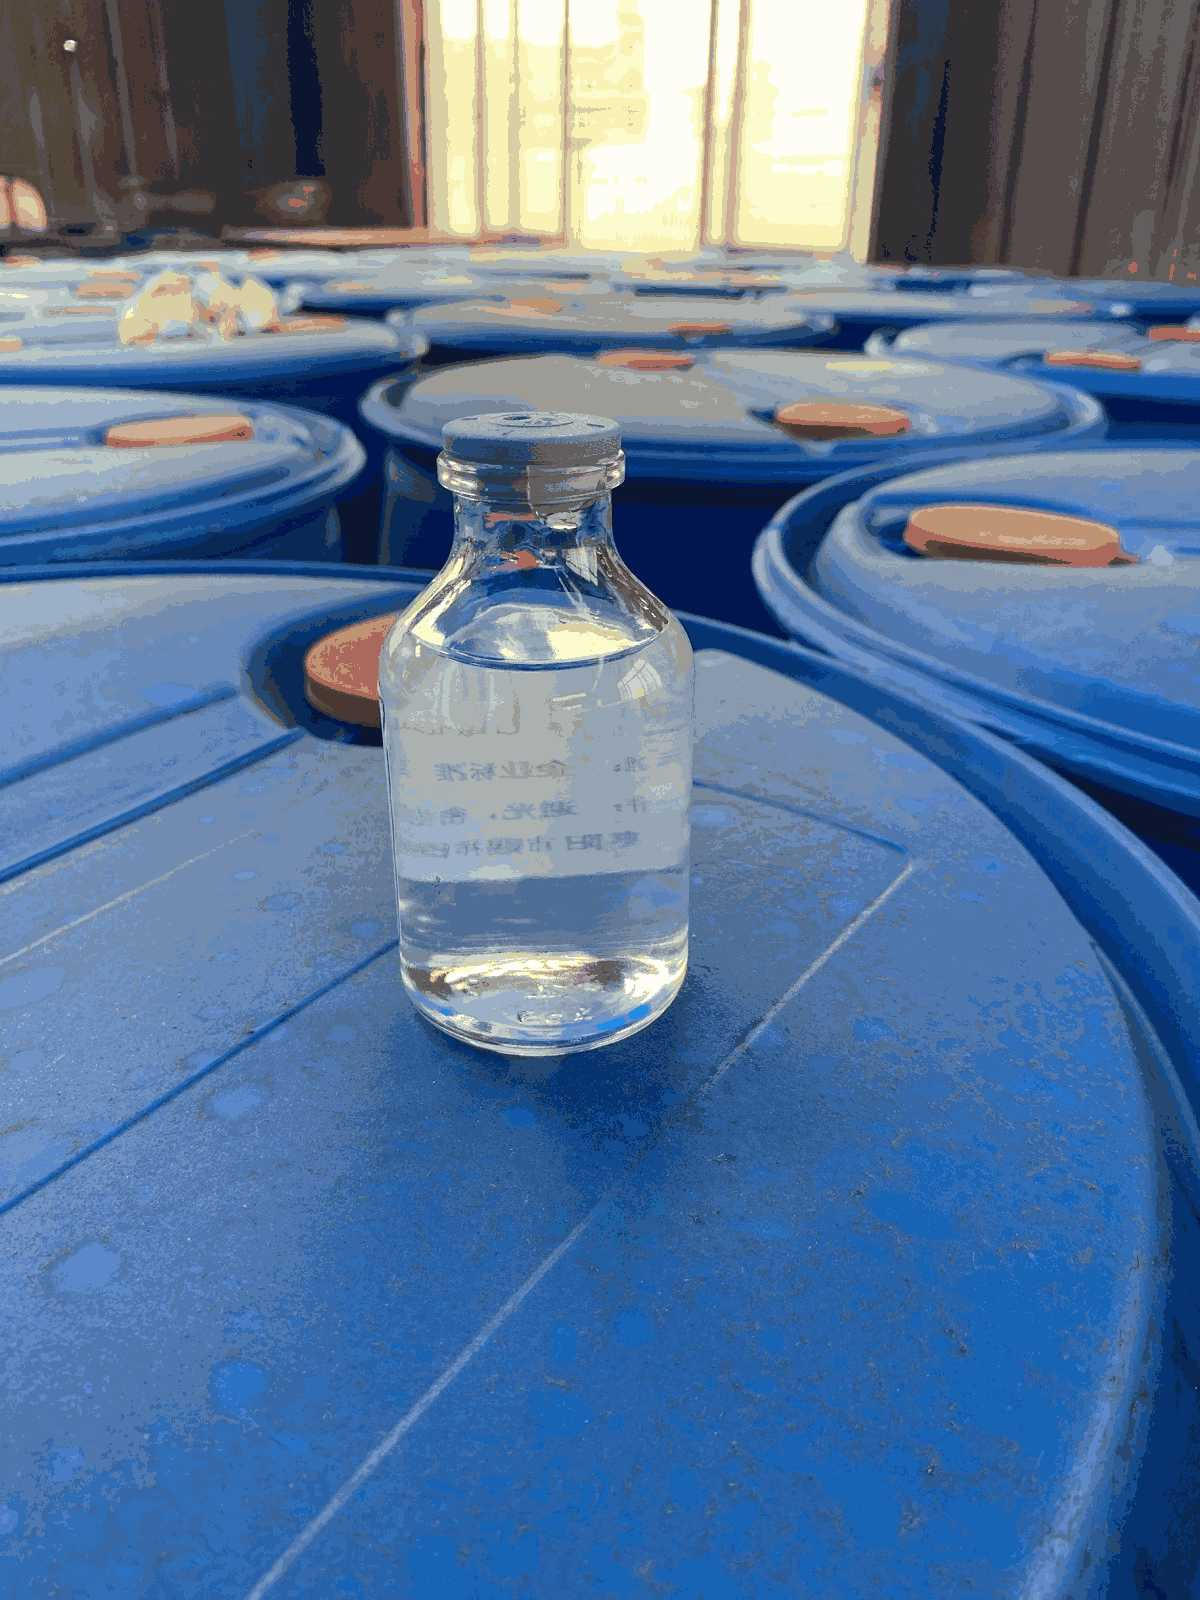 肉桂酸甲酯生产厂家 漳州对甲基肉桂酸甲酯价格